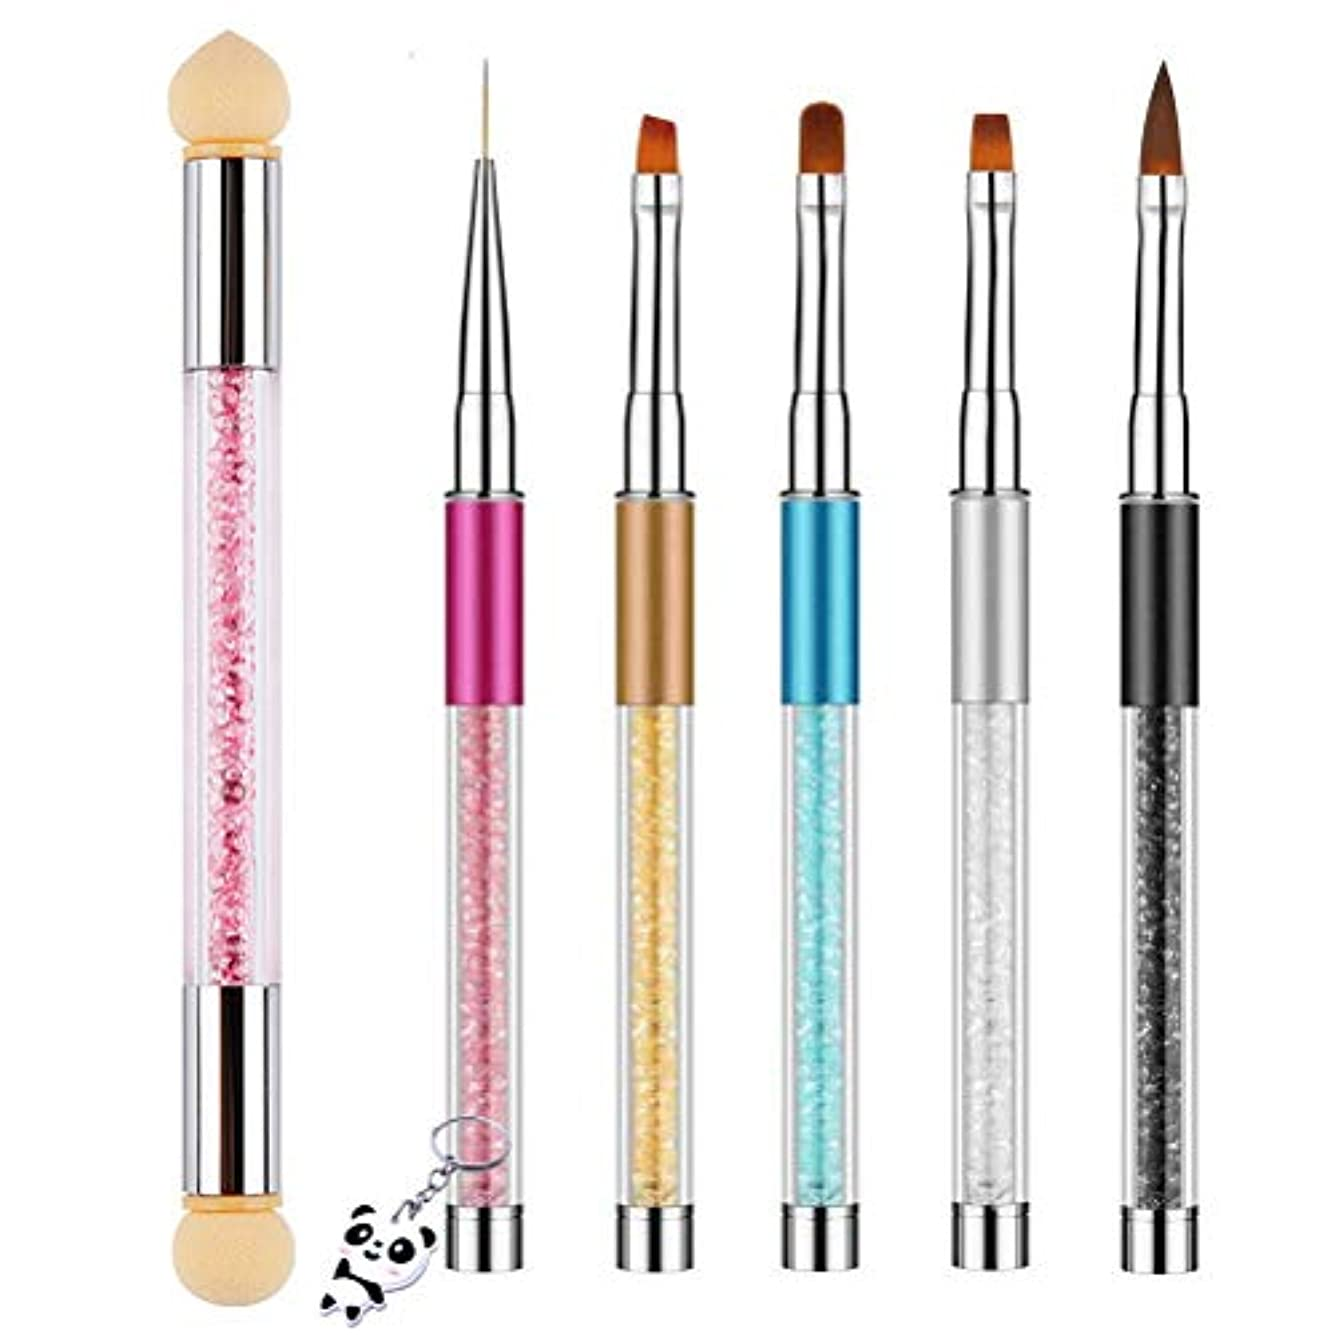 心からスリッパ考慮Achy JP ネイルアートブラシ 6個セット ネールアートペン マニキュアツールキット UV用 ネイルツール ネイル用品